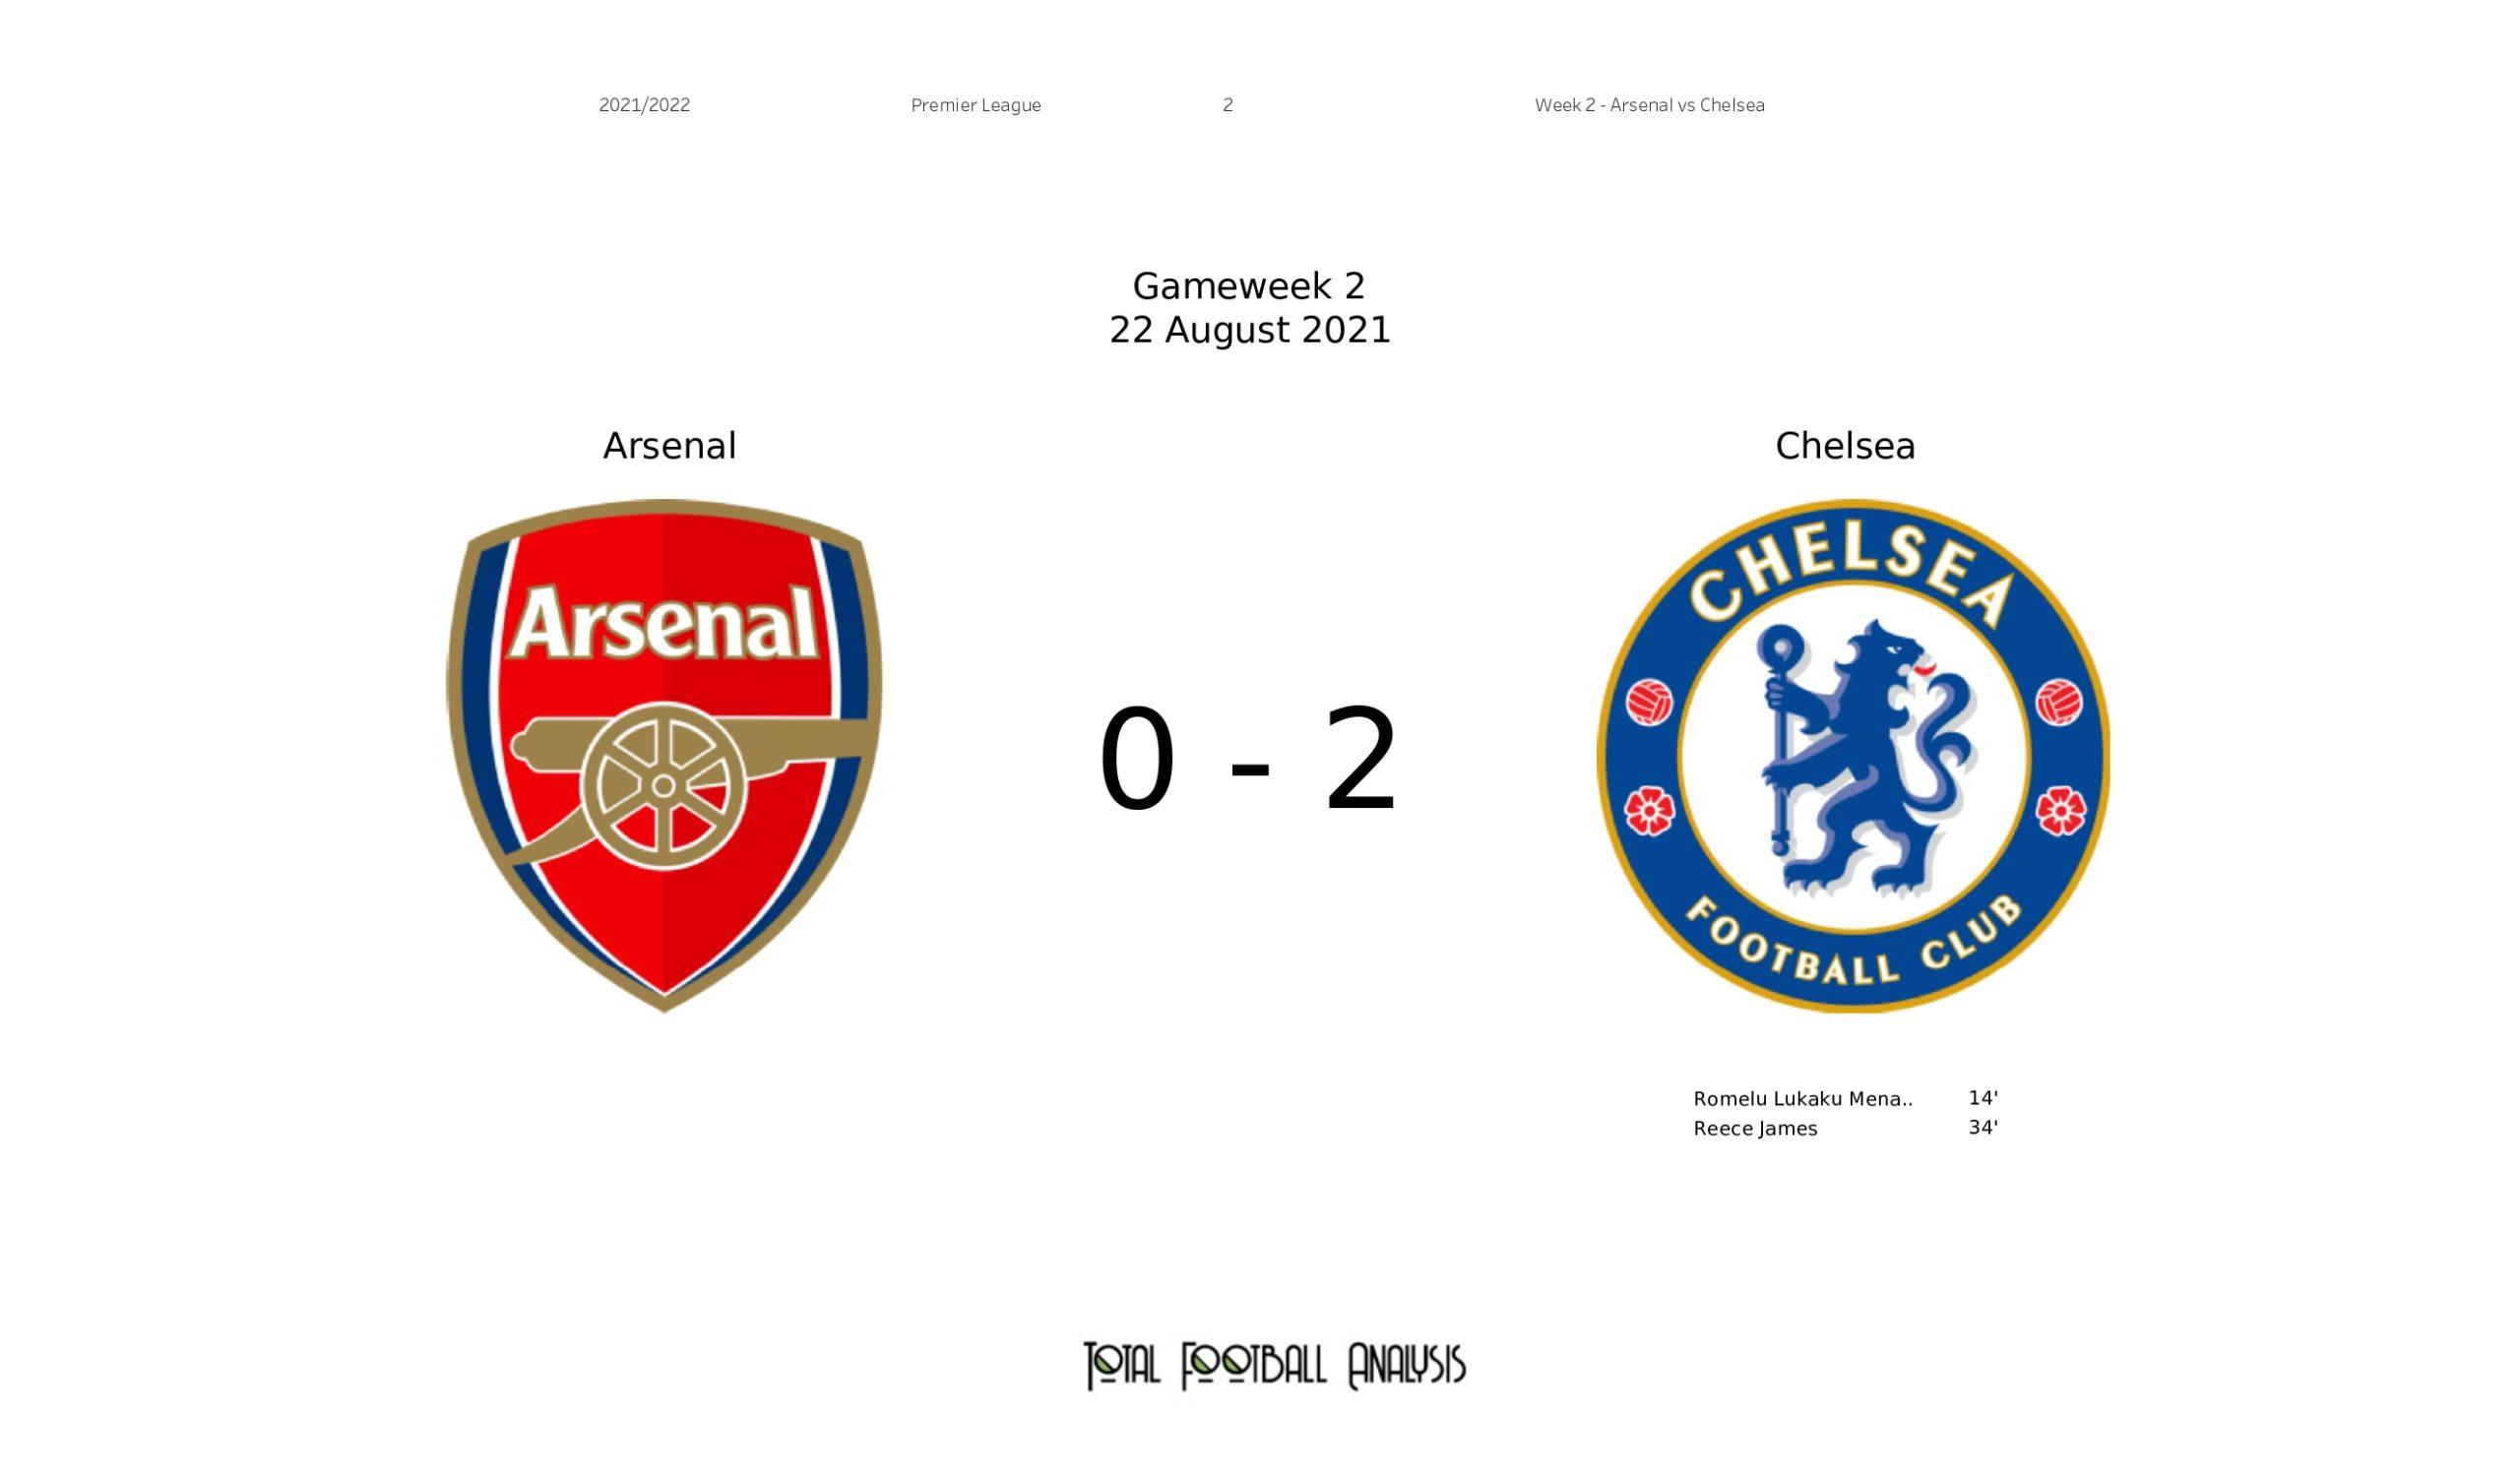 Premier League 2021/22: Arsenal vs Chelsea stats